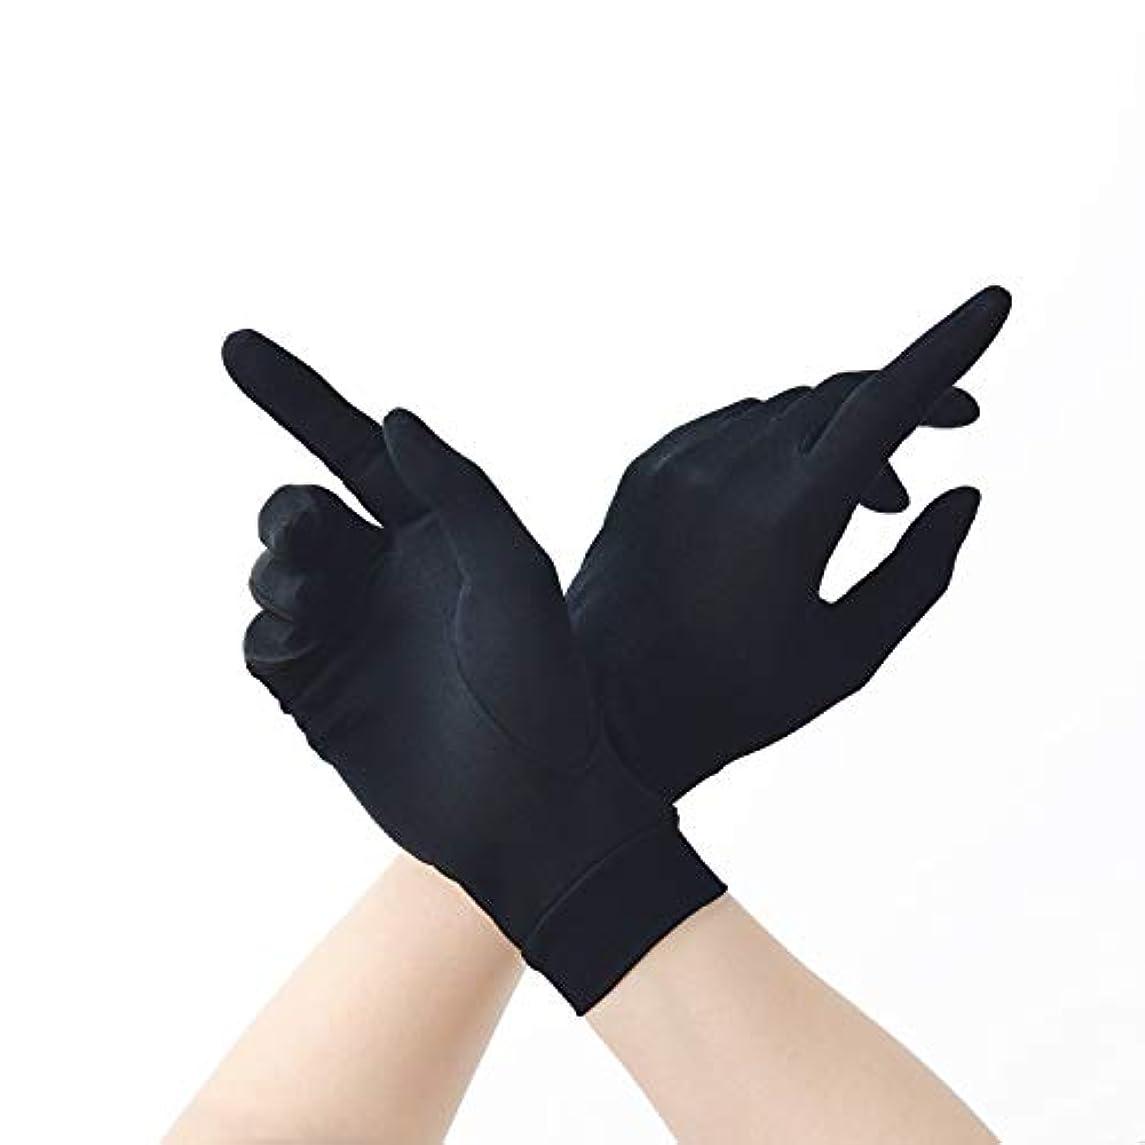 ワイプ傭兵トラフィック保湿 夏 ハンド 手袋 シルク 紫外線 日焼け防止 手荒い おやすみ 手触りが良い ケア レディース